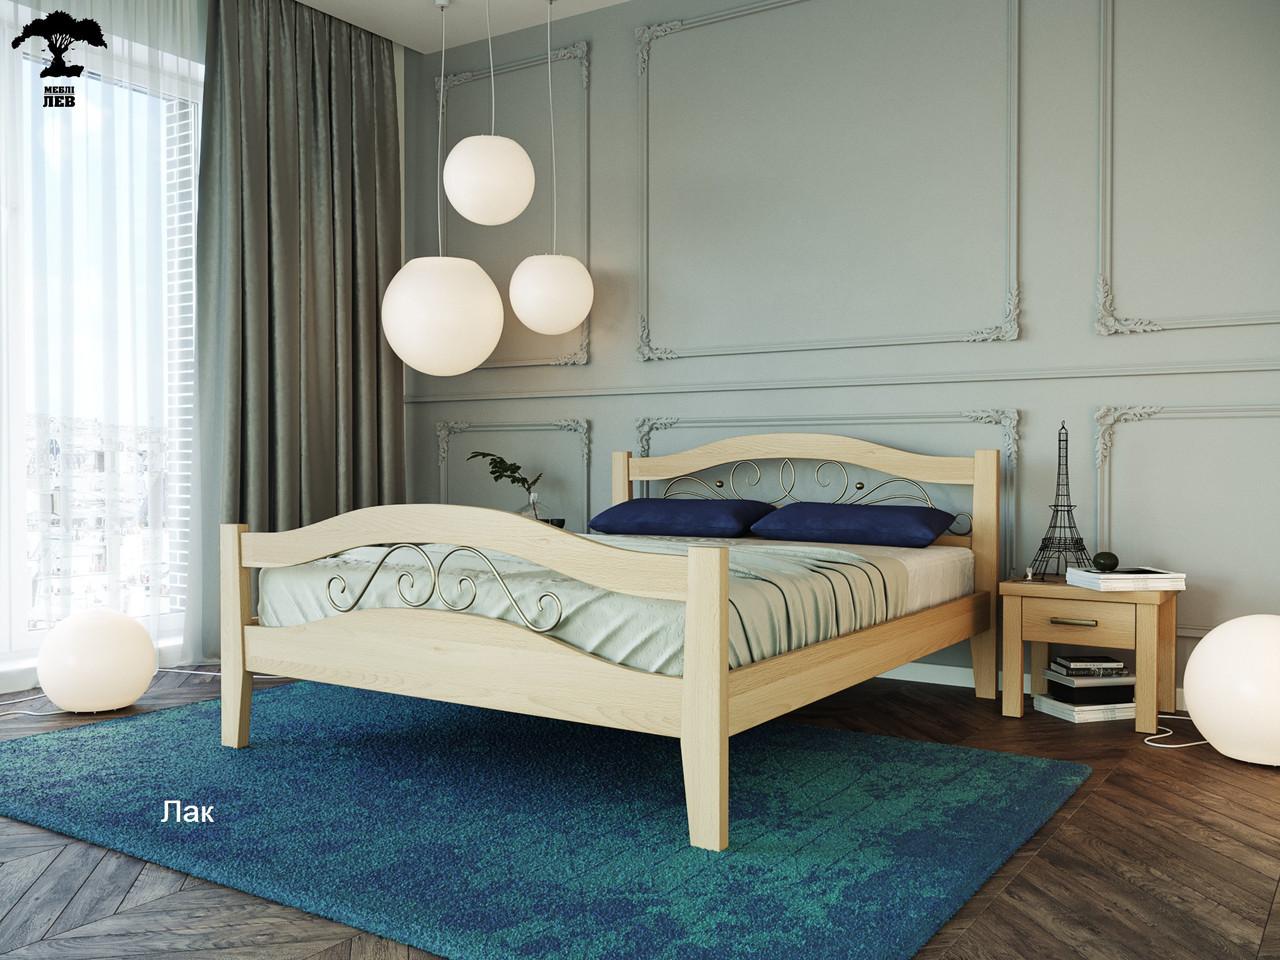 Ліжко двоспальне з натурального дерева в спальню змасиву бука Афіна 2 160х190 Лев